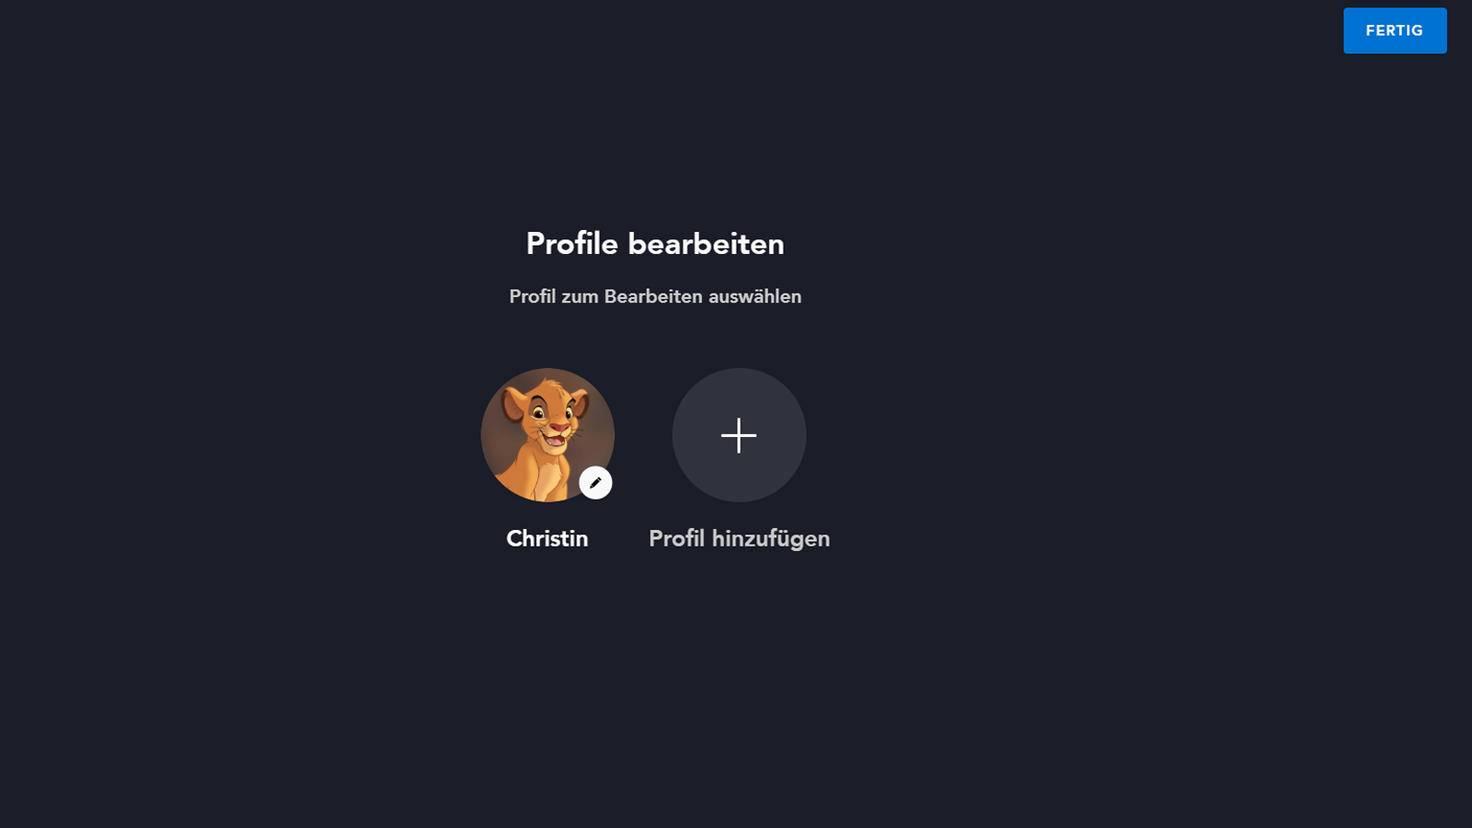 Profil bearbeiten